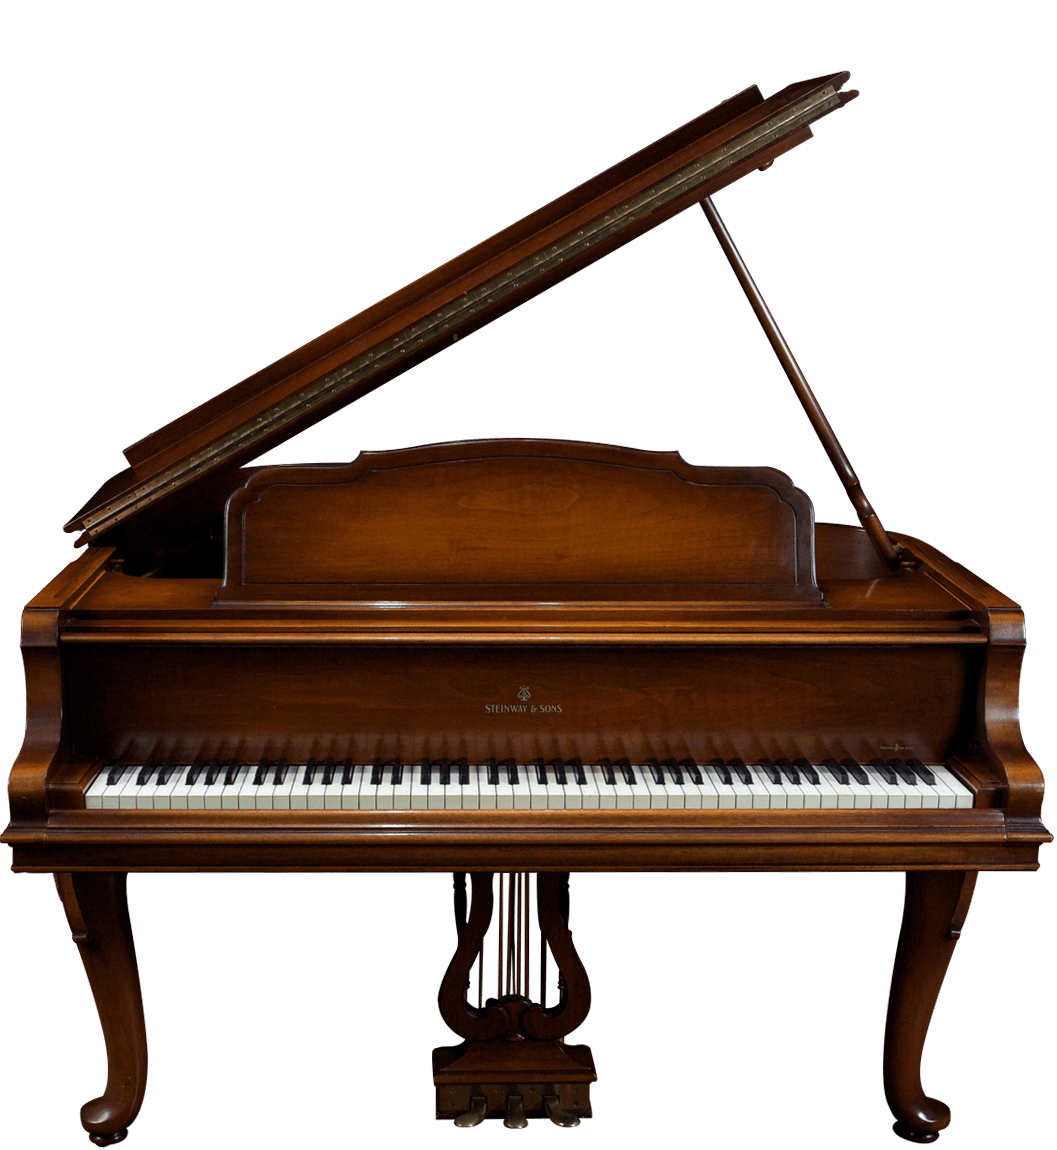 Piano PNG - 10824